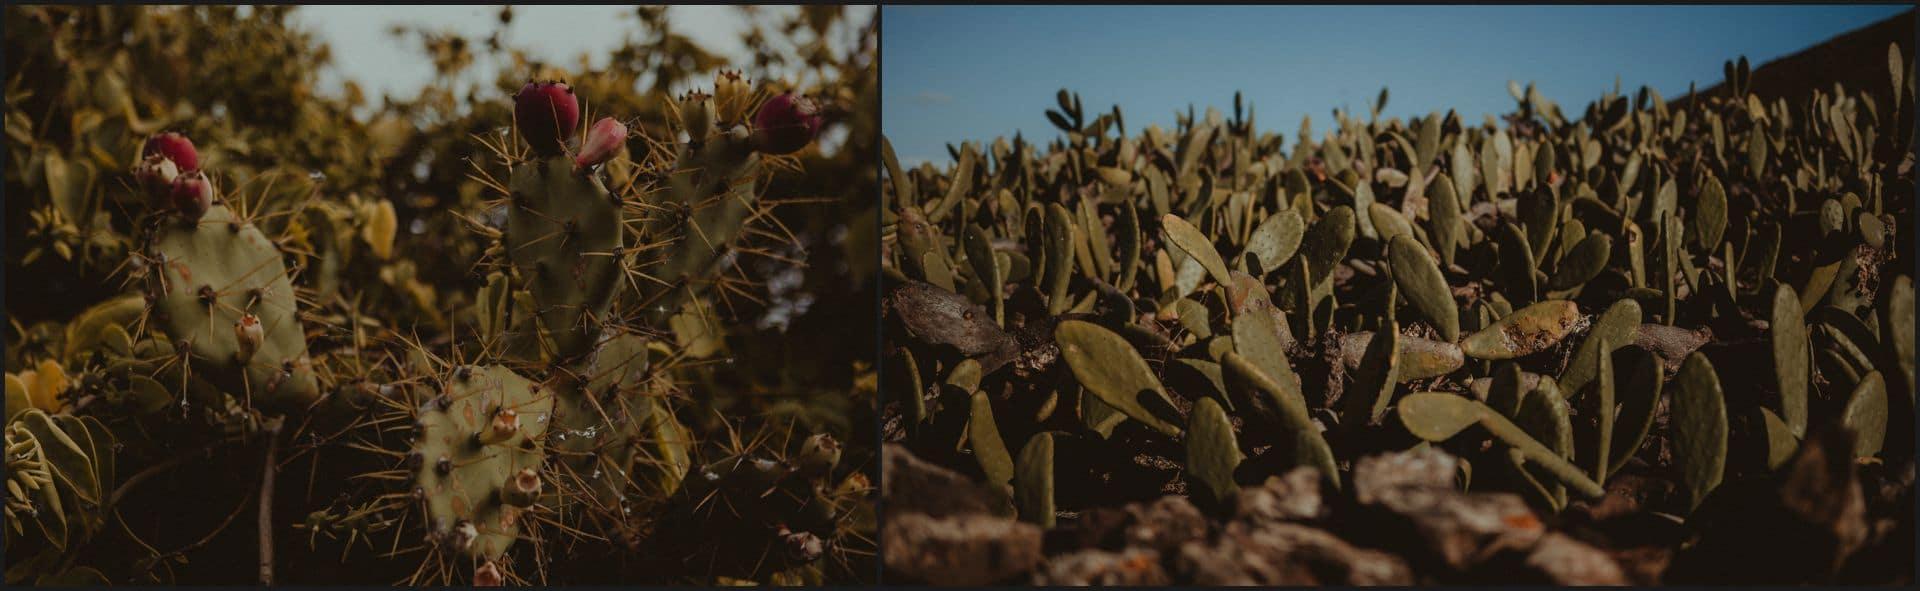 lanzarote, cactus